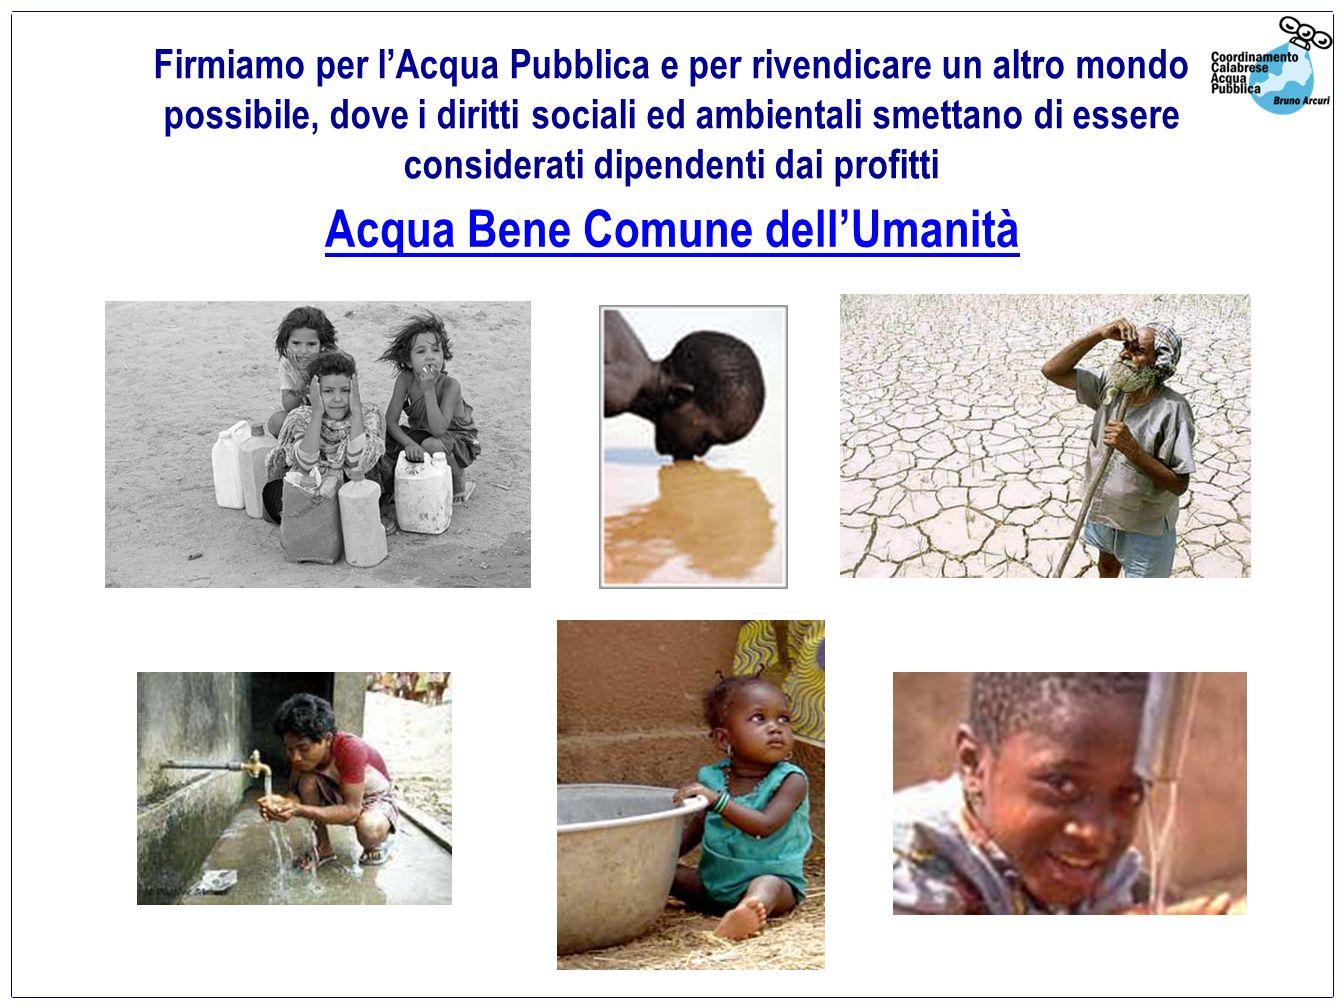 Acqua Bene Comune dellUmanità Firmiamo per lAcqua Pubblica e per rivendicare un altro mondo possibile, dove i diritti sociali ed ambientali smettano di essere considerati dipendenti dai profitti